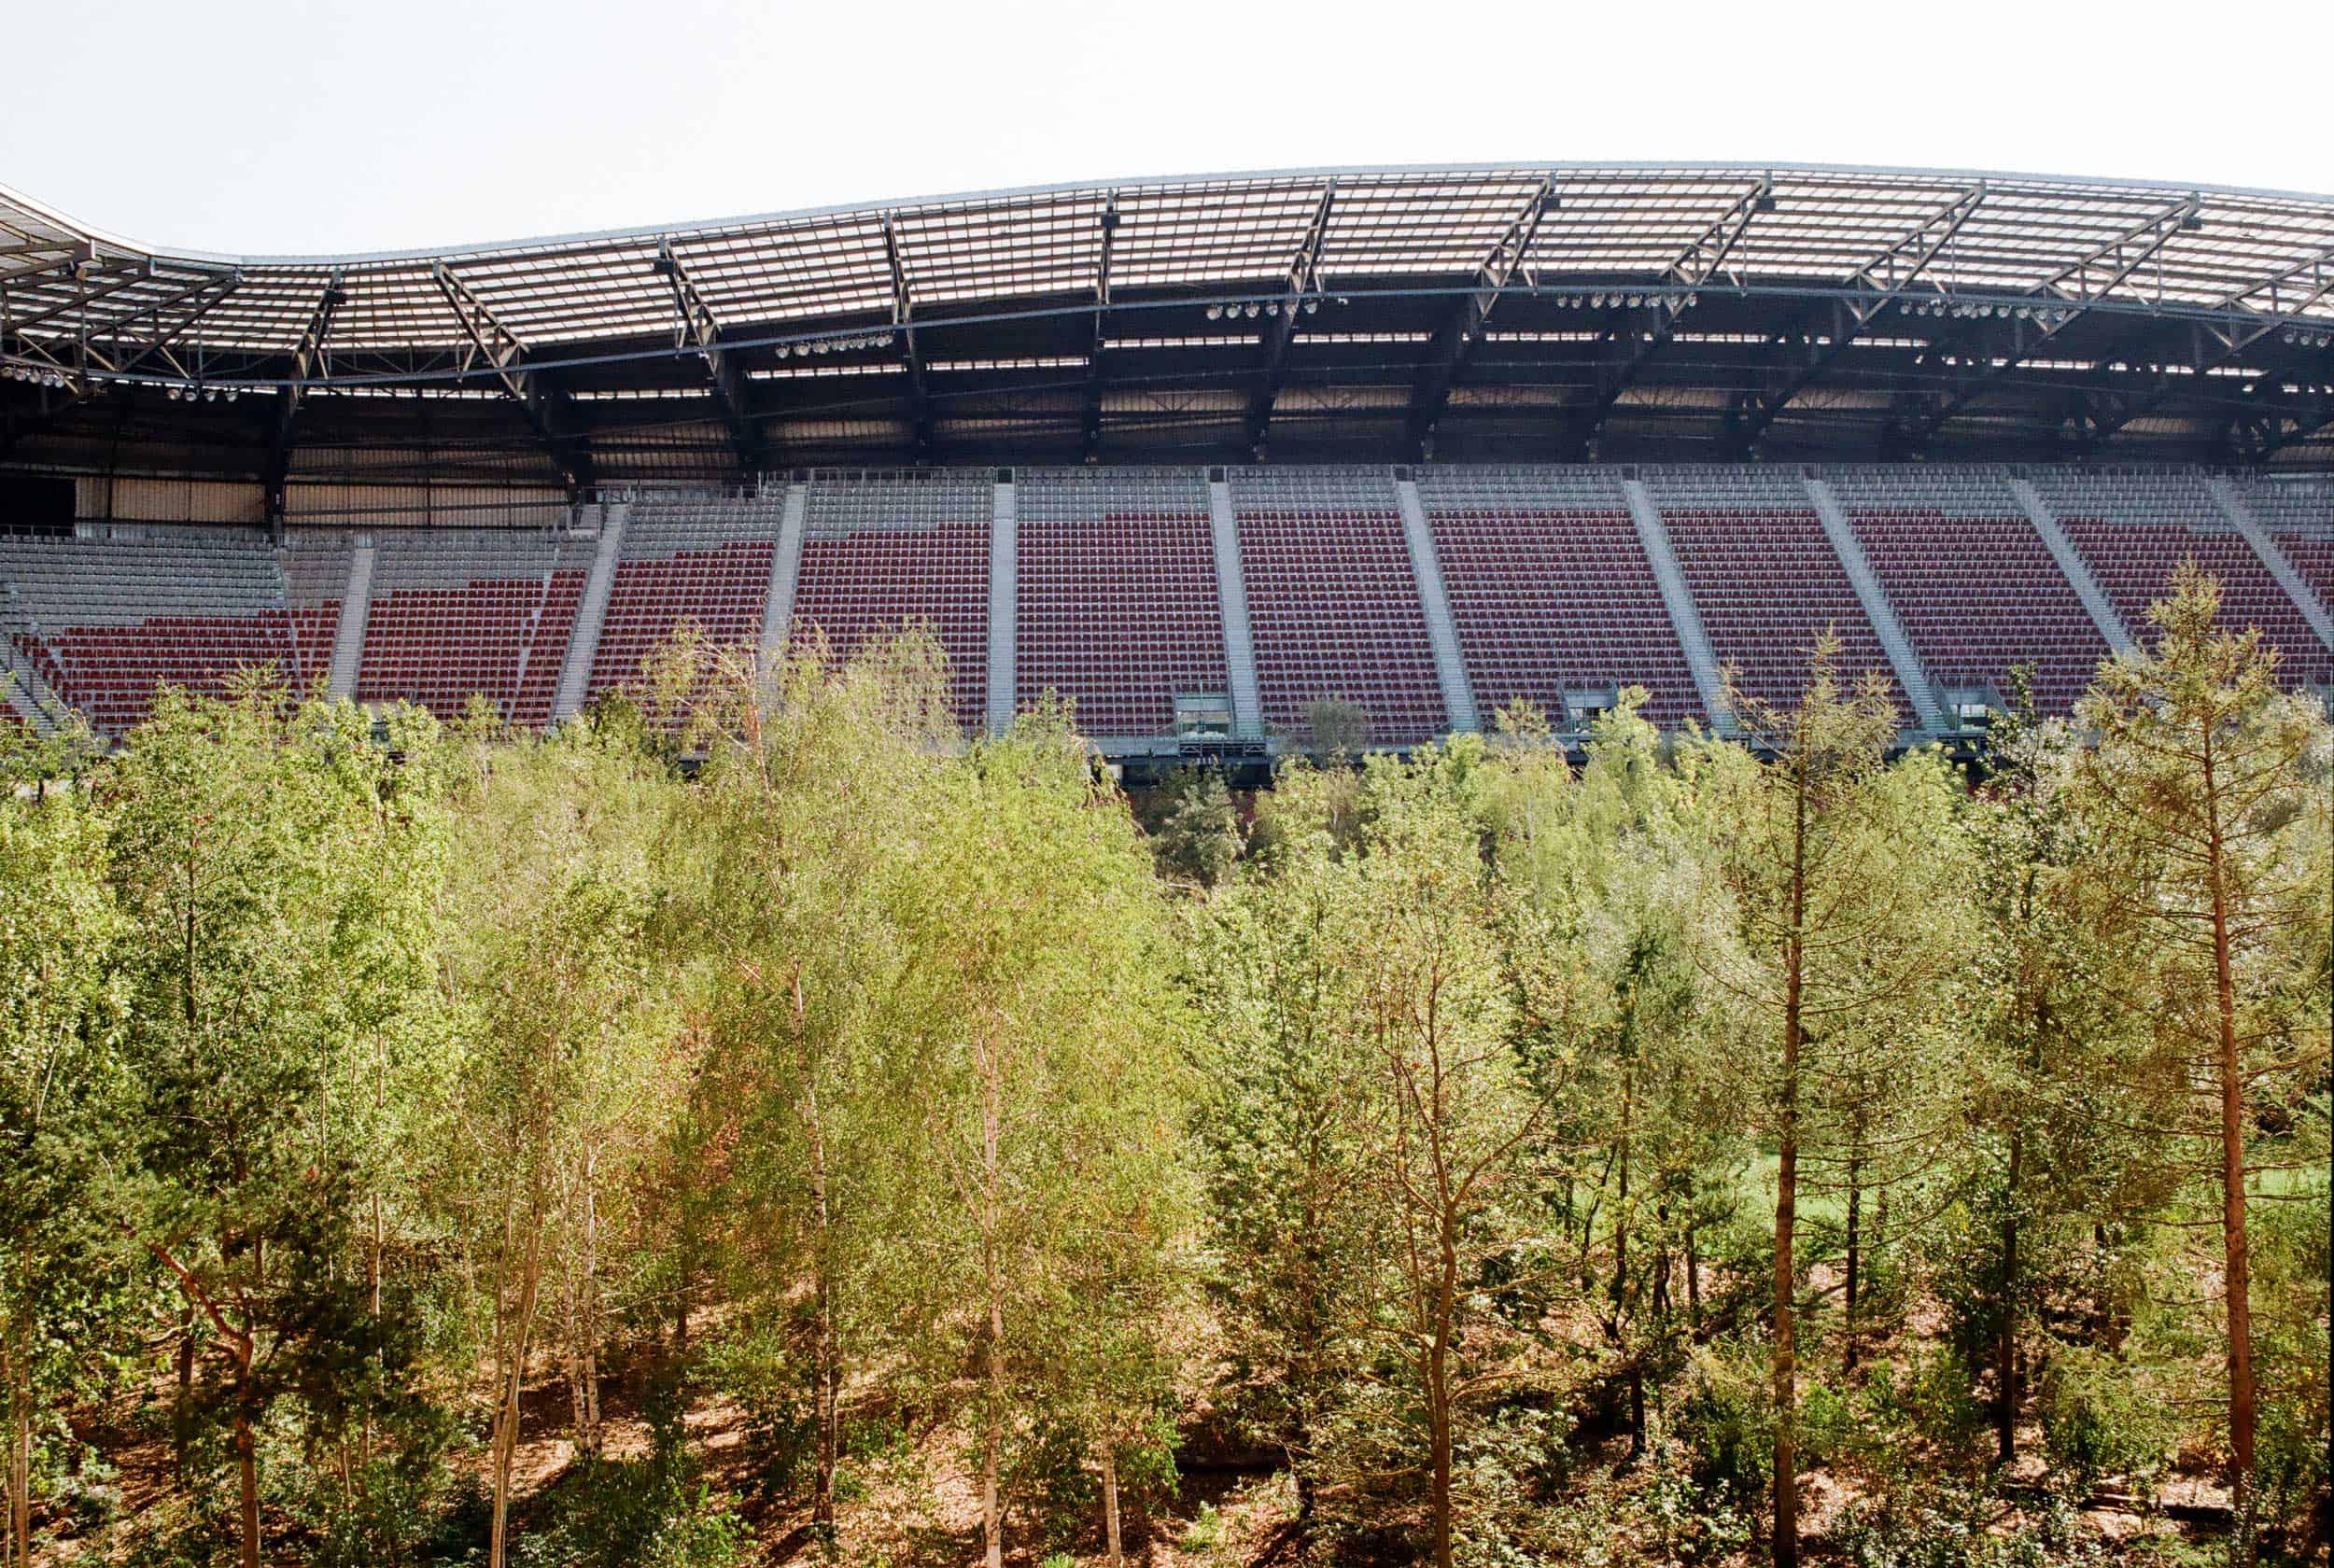 For Forest, Klagenfurt, Photo: Patrycja Głusiec